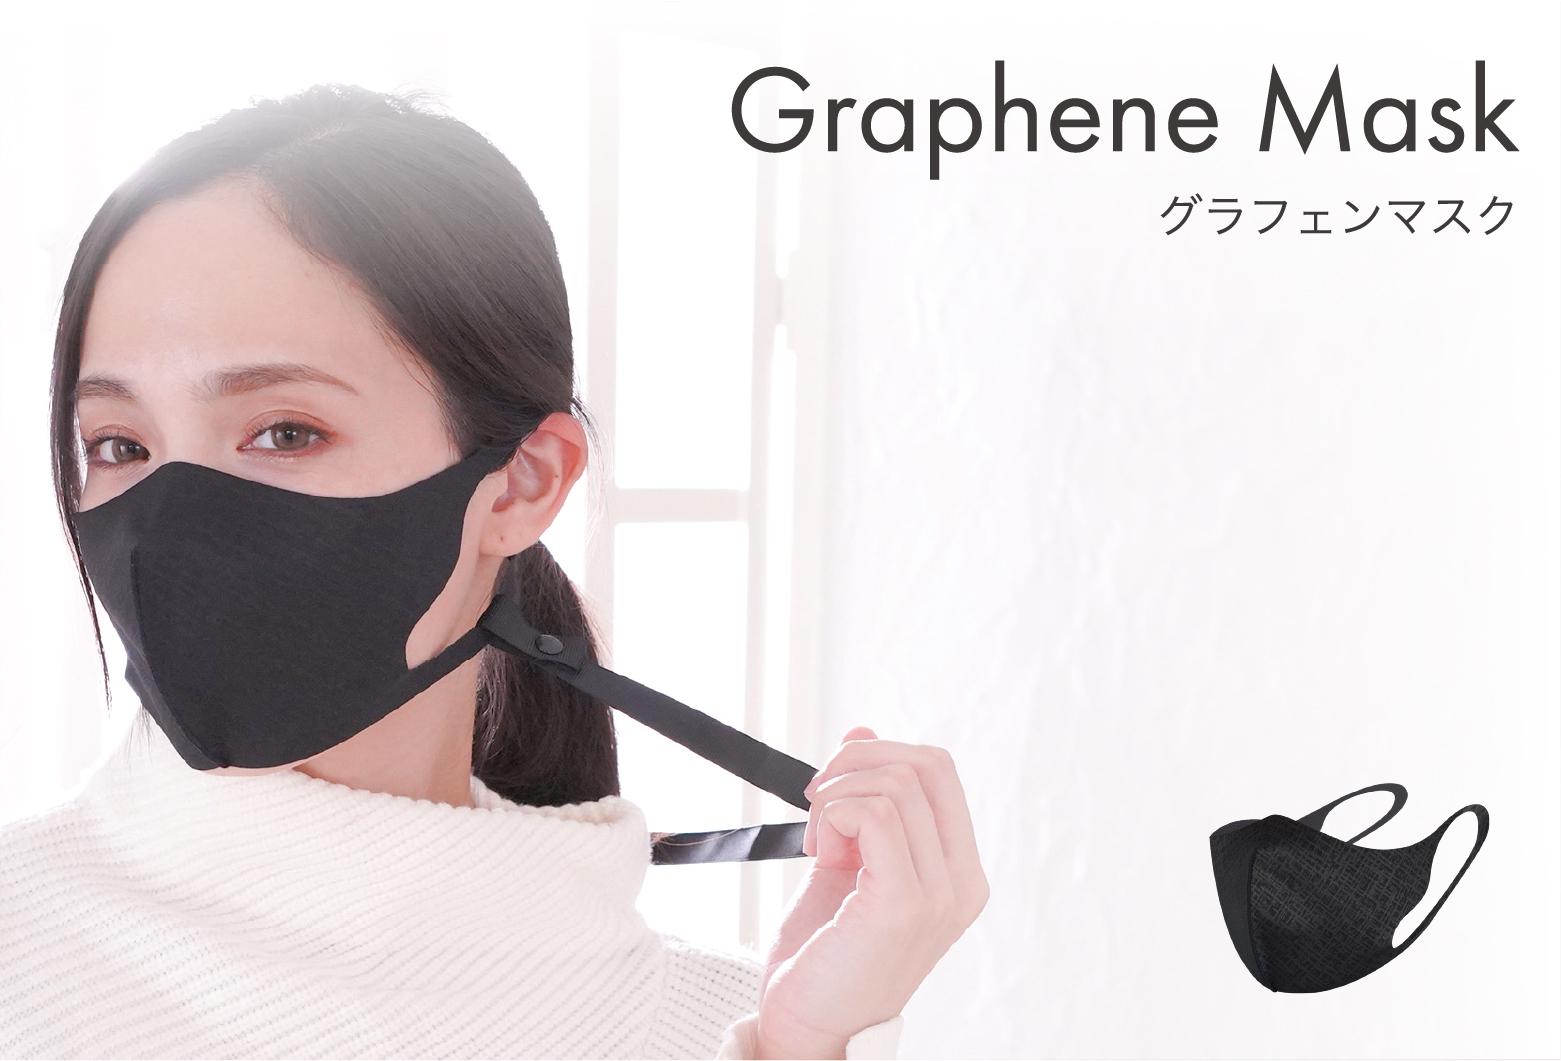 グラフェンマスク+ネックスストラップ